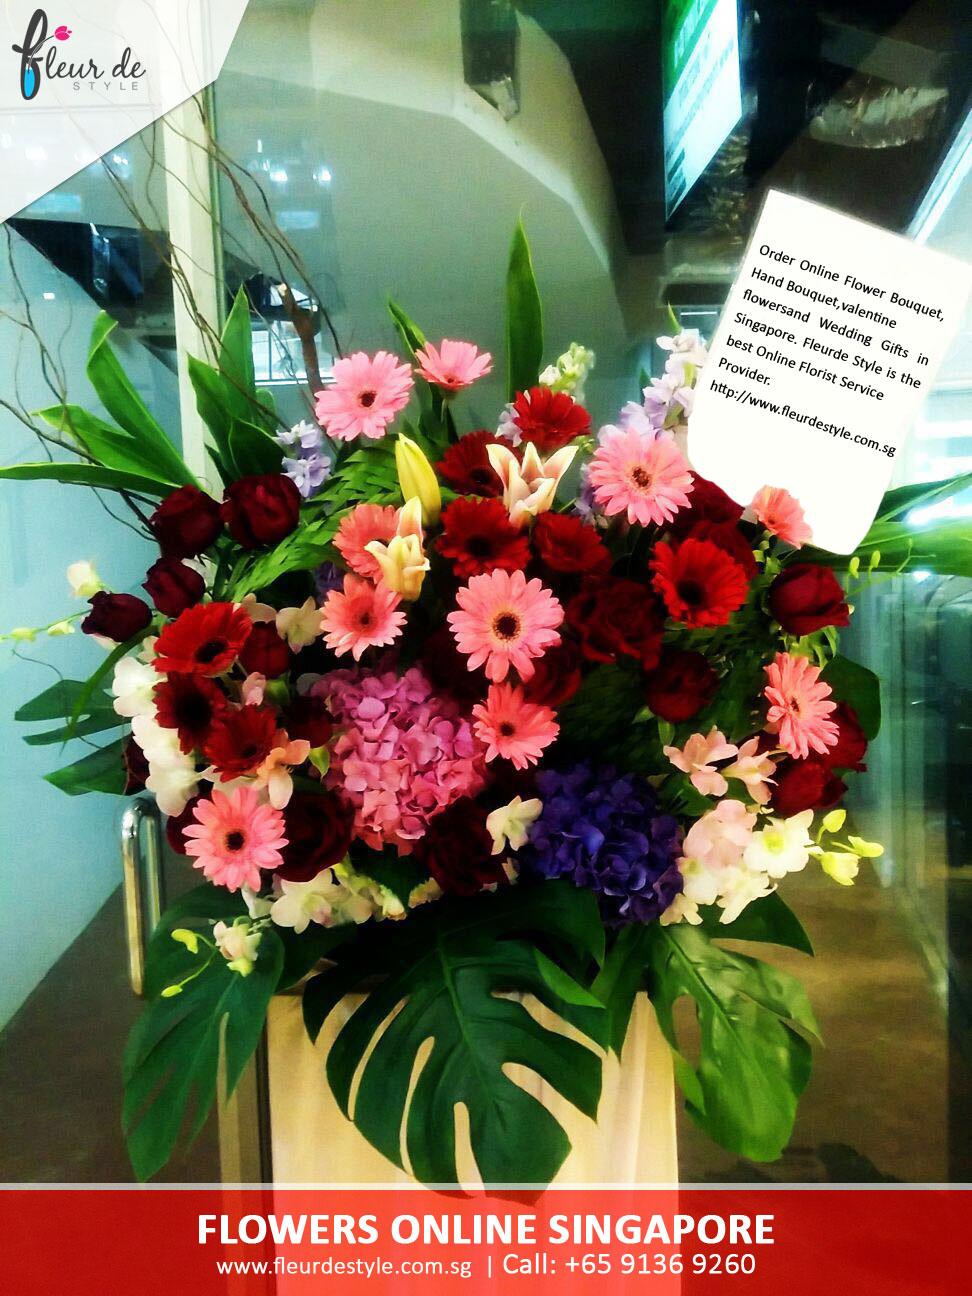 Fresh flowers through online service in singapore fresh flowers fresh flowers through online service in singapore izmirmasajfo